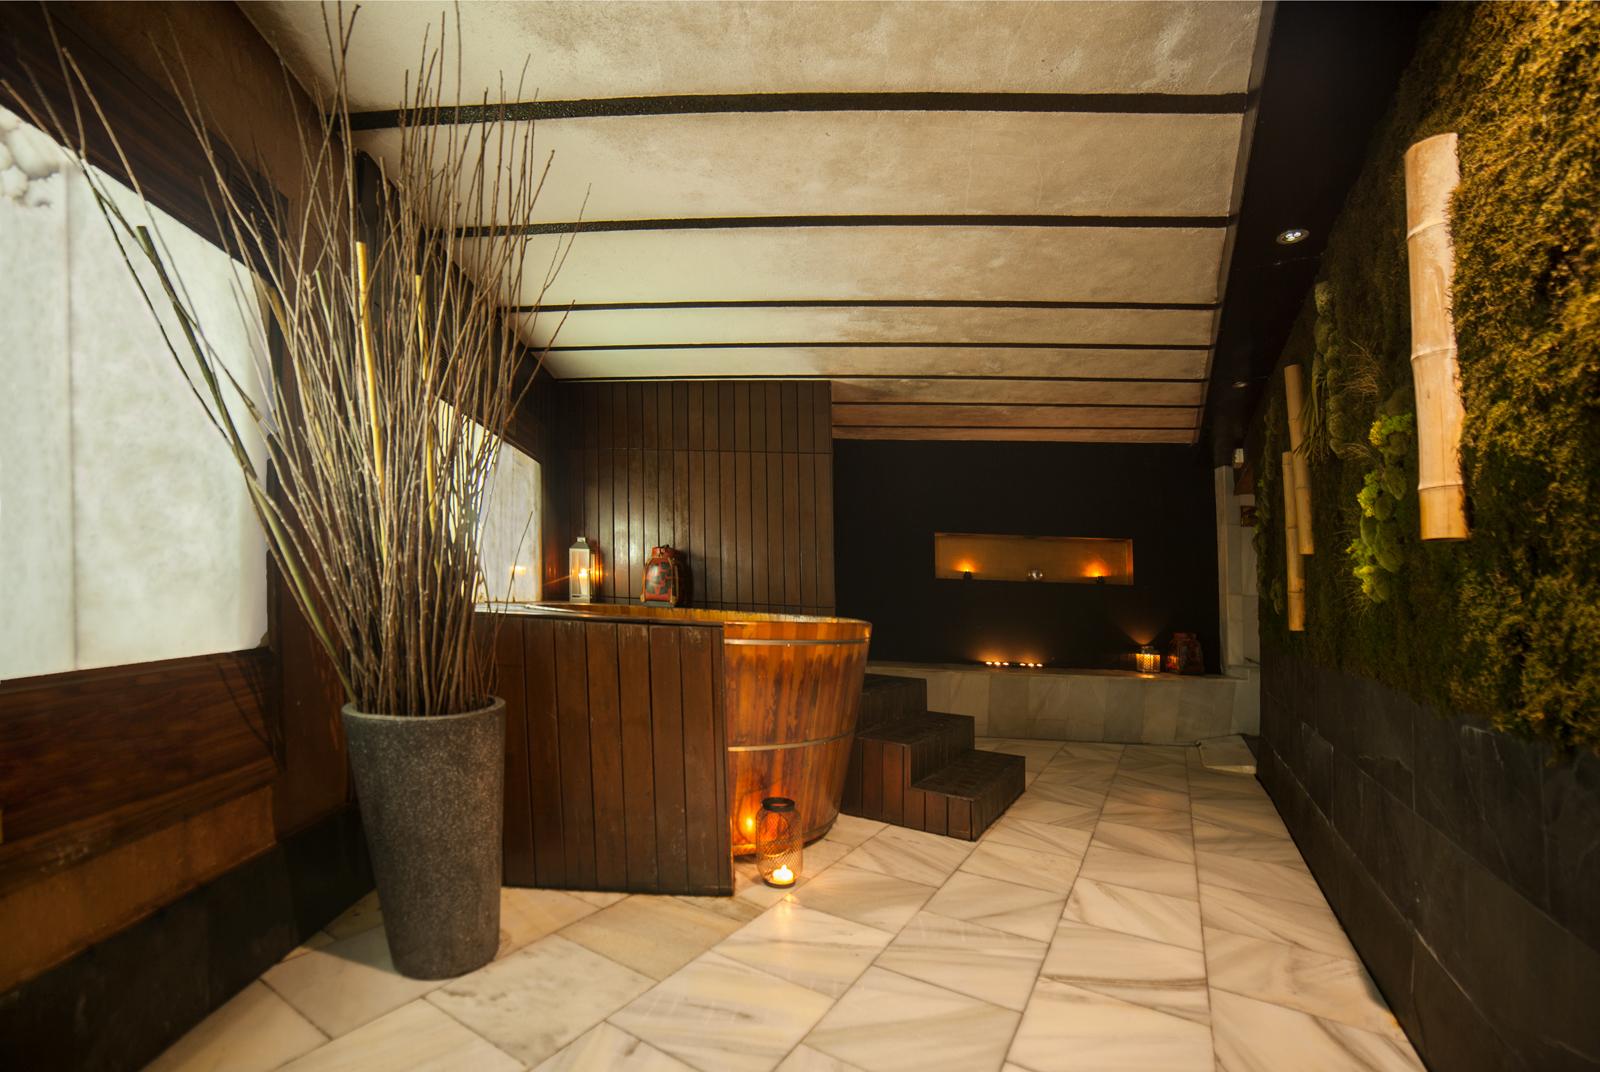 Antiguamente, los 'ofuros' se calentaban con una estufa de leña integrada en la estructura de la bañera © Las Recreativas